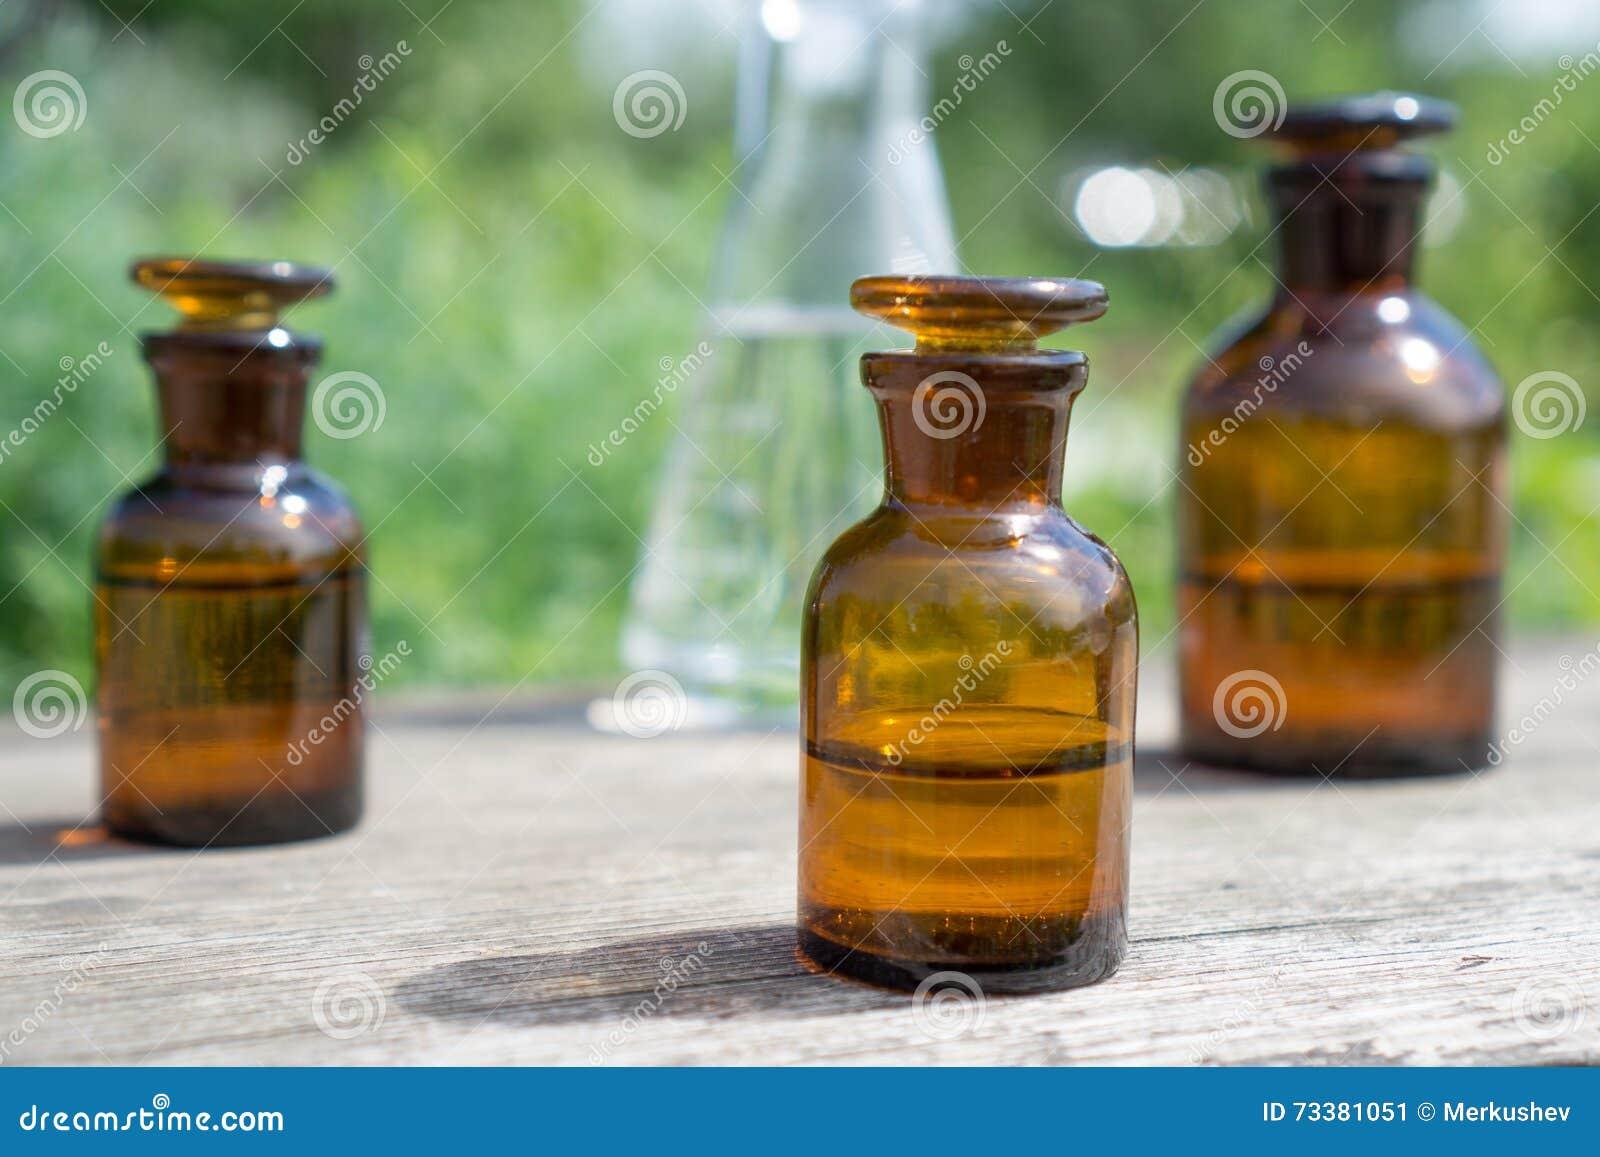 Liquide en articles chimiques sur un fond des usines, des engrais ou des pesticides dans le jardin